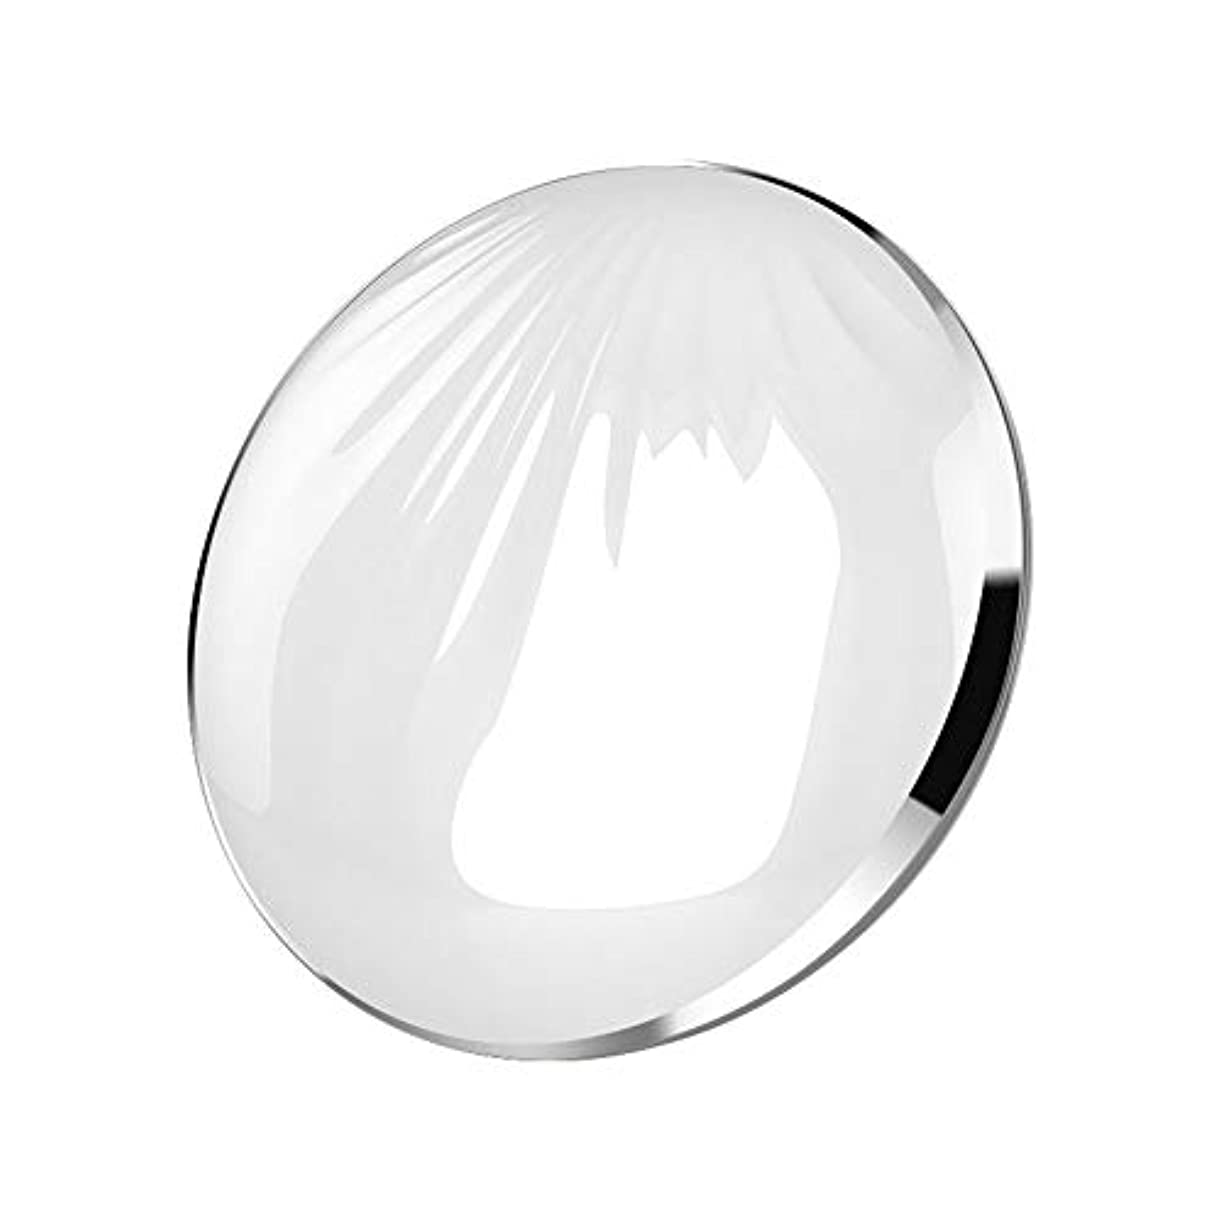 死にかけているから群集流行の クリエイティブled化粧鏡シェルポータブル折りたたみ式フィルライトusbモバイル充電宝美容鏡化粧台ミラーピンクシルバーコールドライトウォームライトミックスライト (色 : Silver)